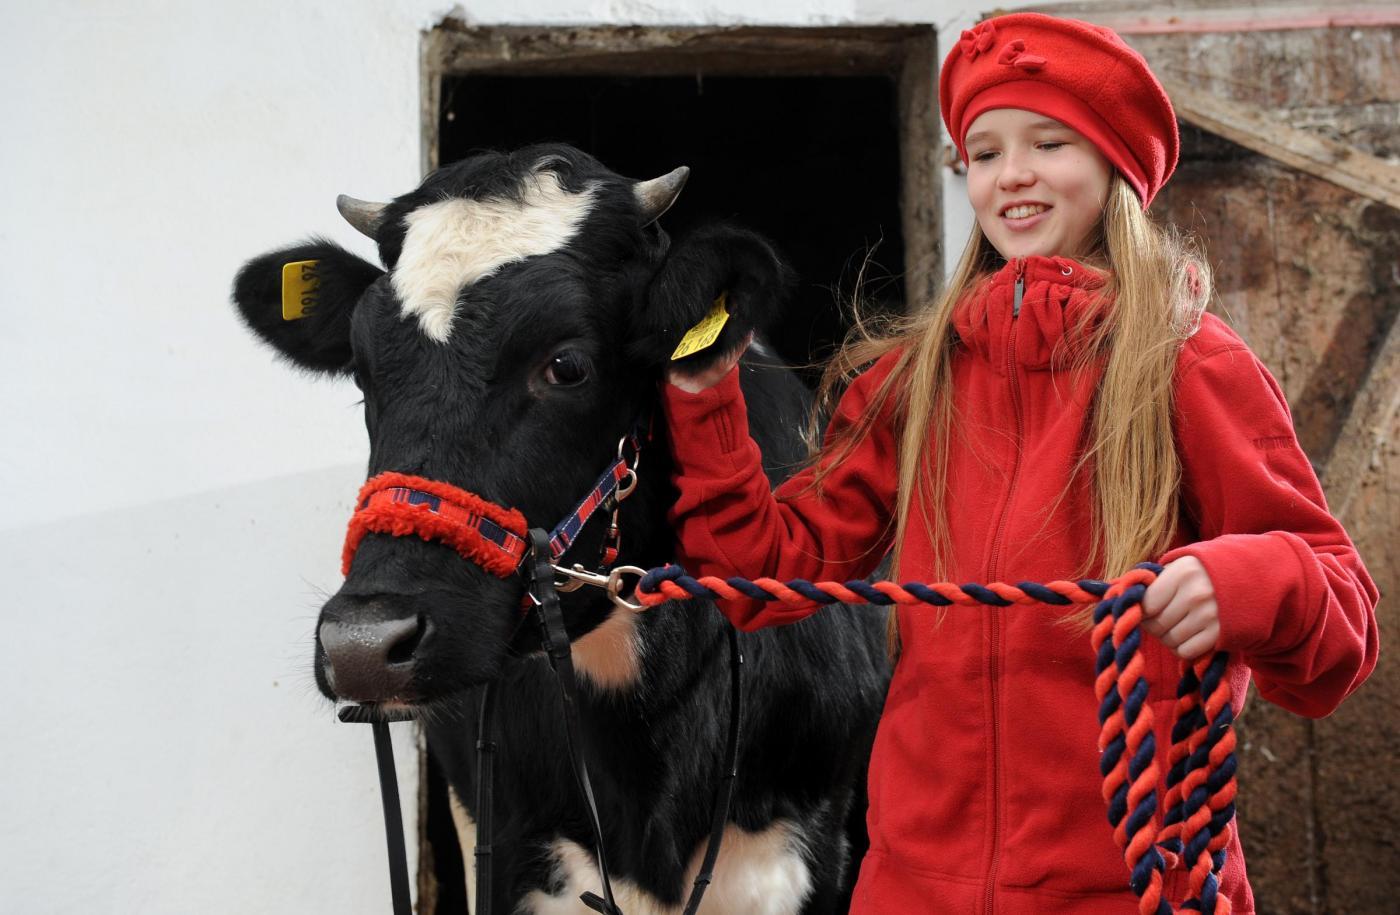 Germania, la ragazzina che a 12 anni cavalca la mucca09